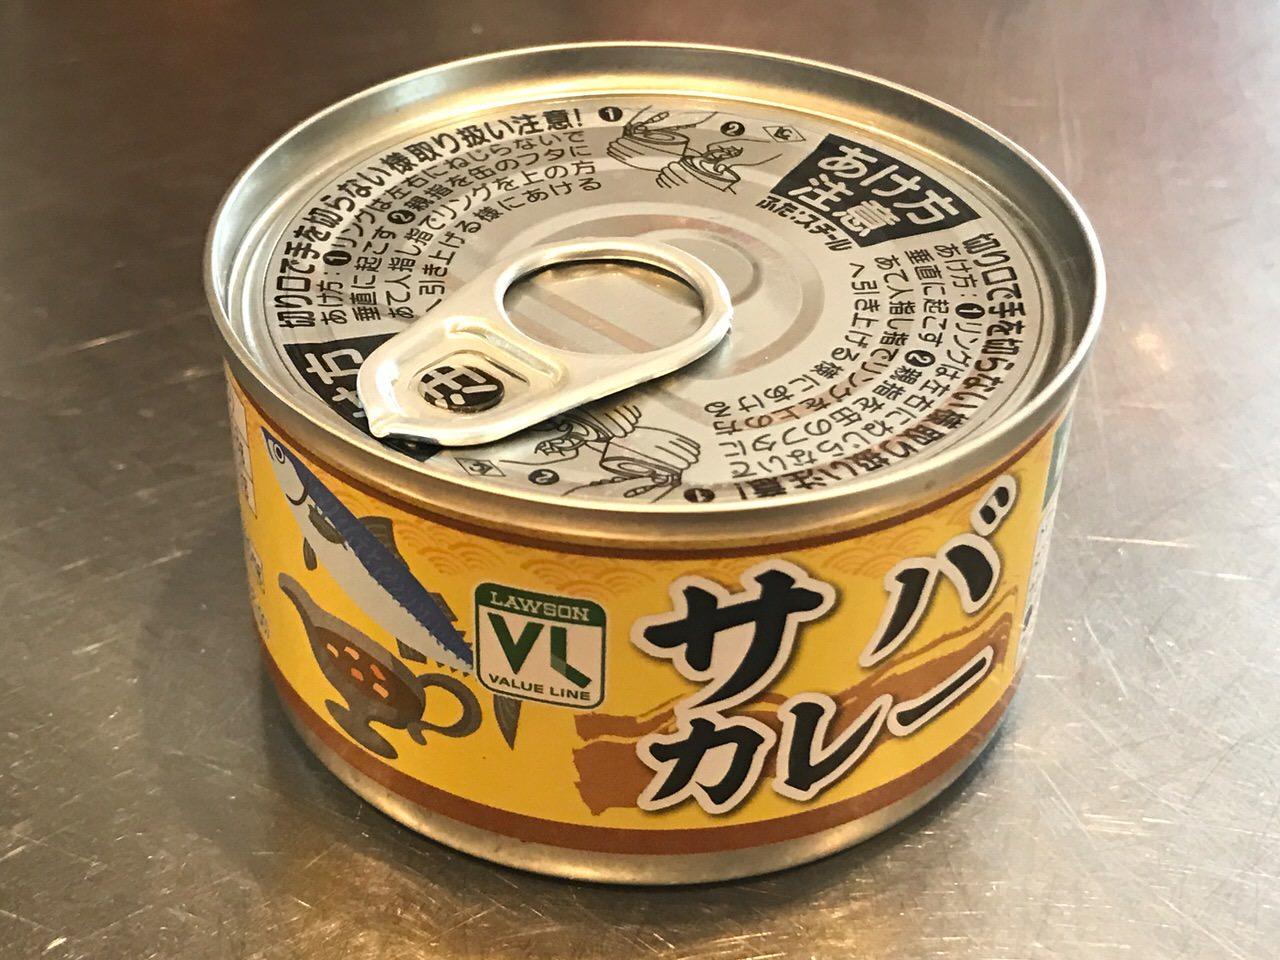 サバカレーが食べたくなったら100円ローソンでサバカレー缶